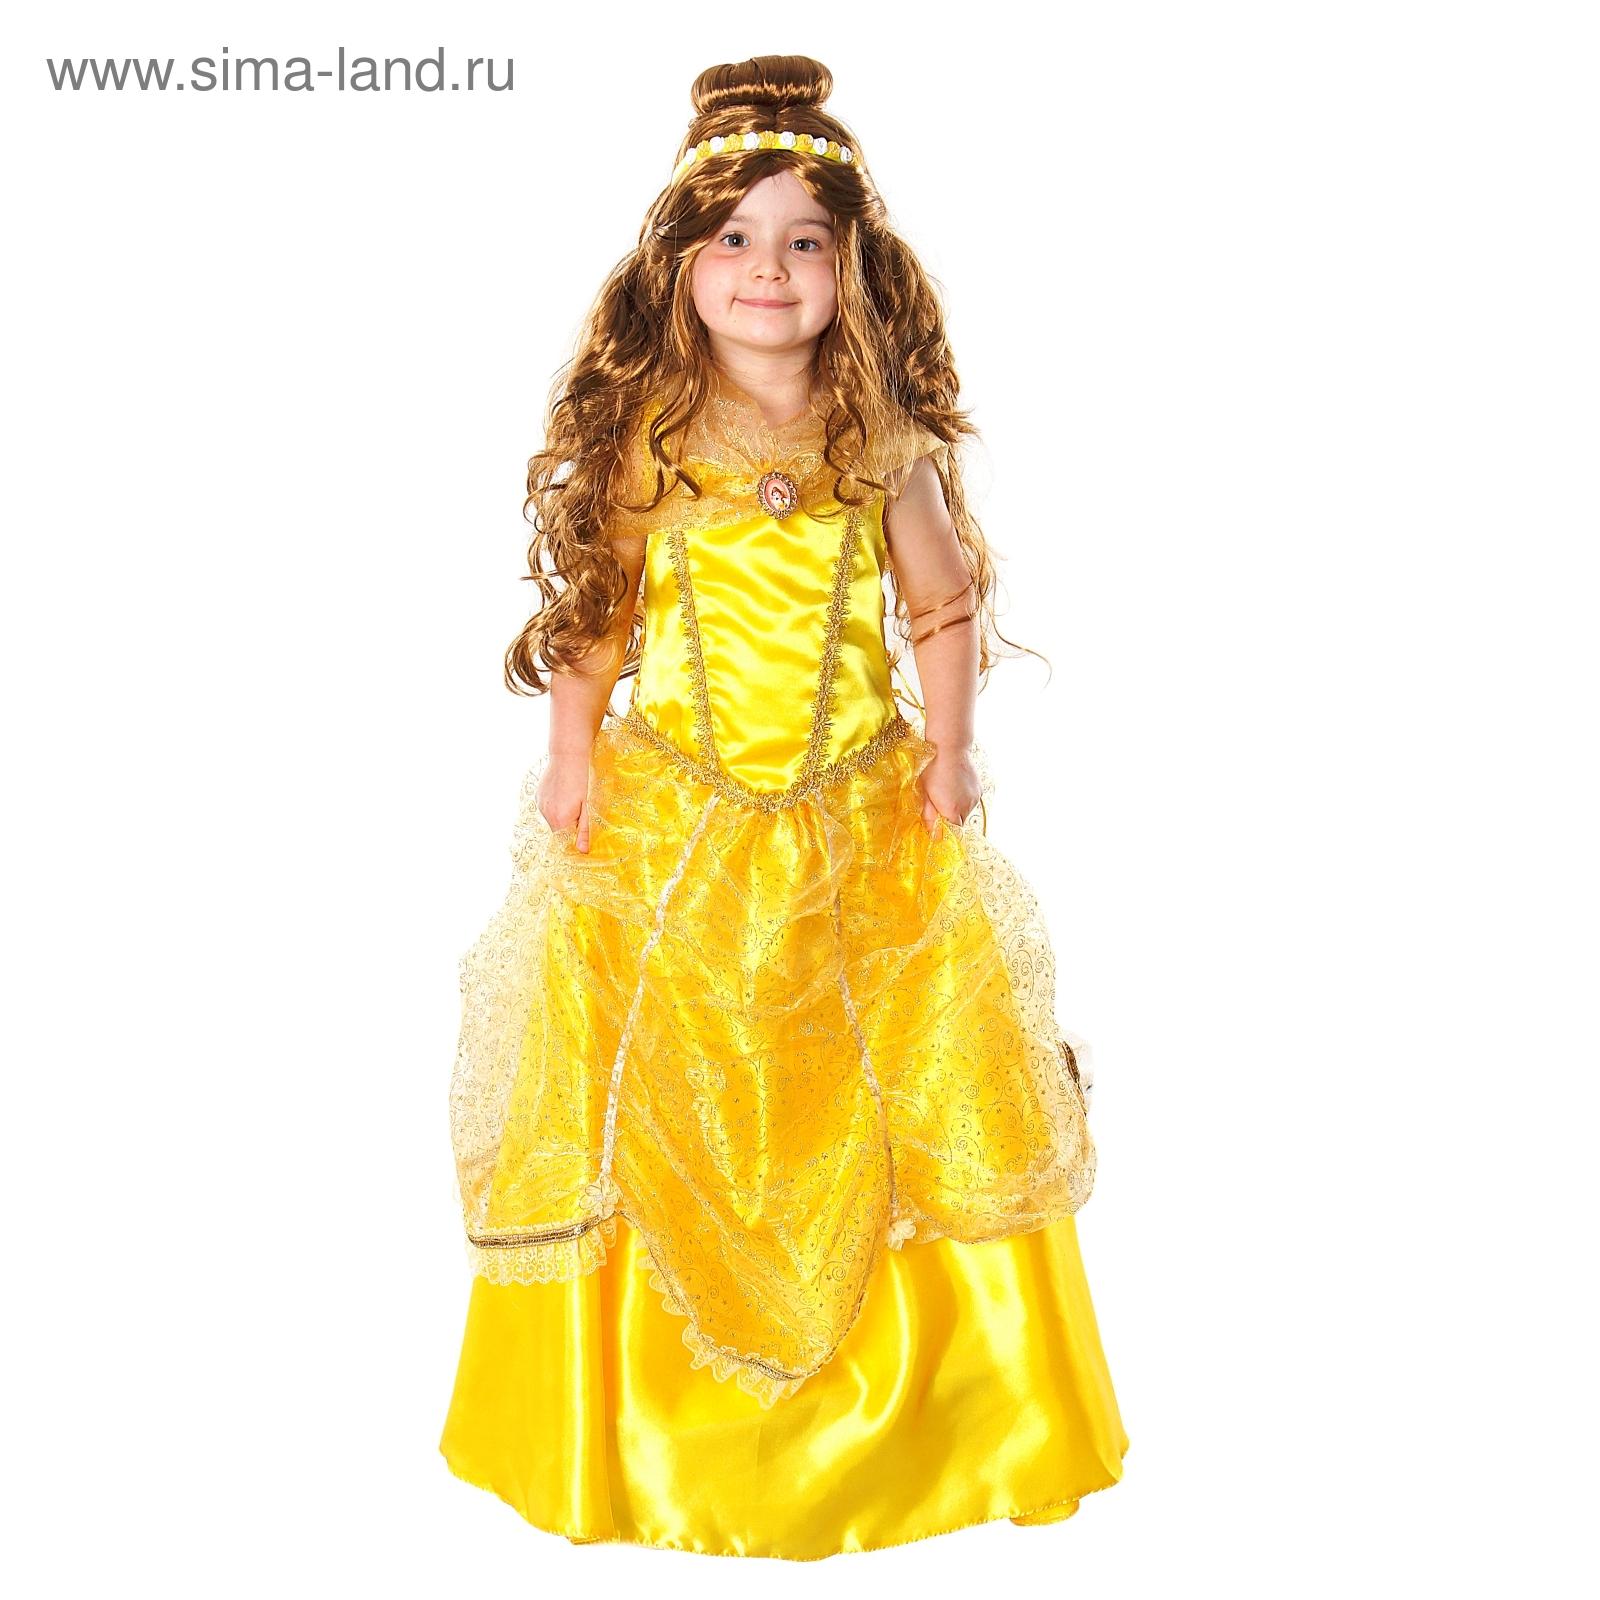 ab024533c8cc Карнавальный костюм «Принцесса Белль», текстиль, размер 34 рост 128 ...